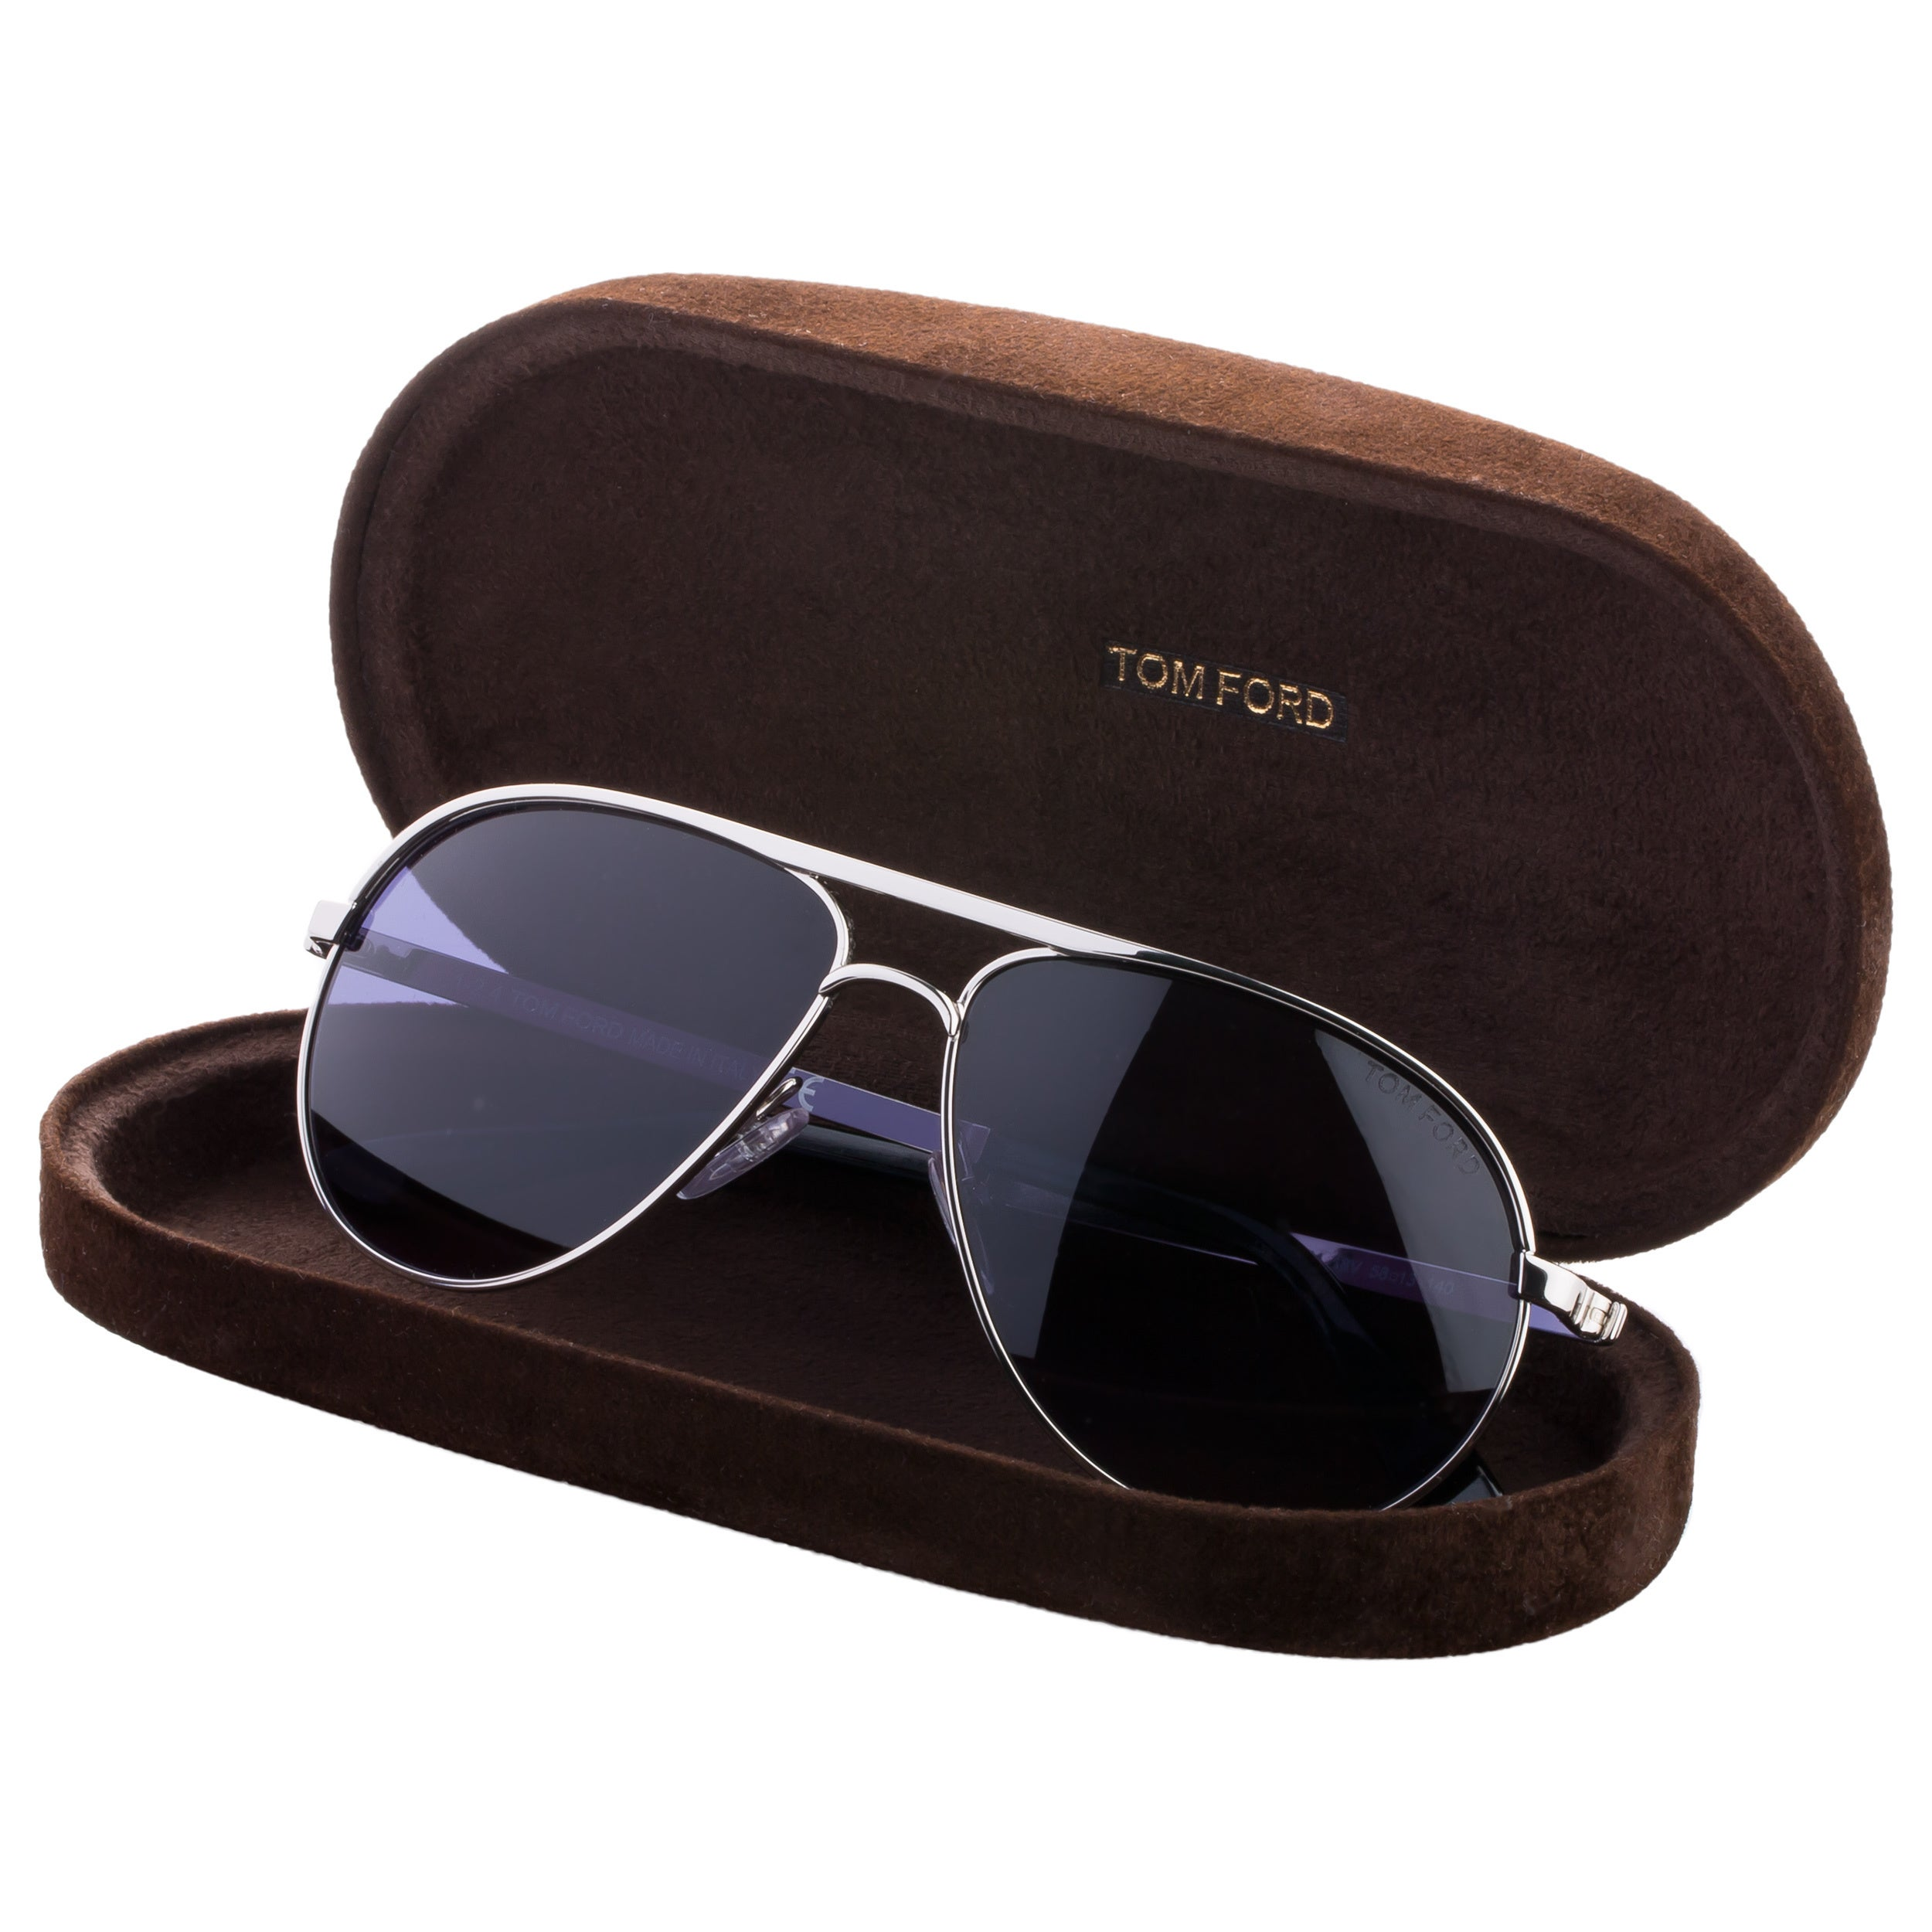 fa24e2a457 Tom-Ford-Unisex-Marko-TF144-18V-Aviator-Sunglasses -5c9a2399-4499-4f4a-a77b-dd485079ab8c.jpg